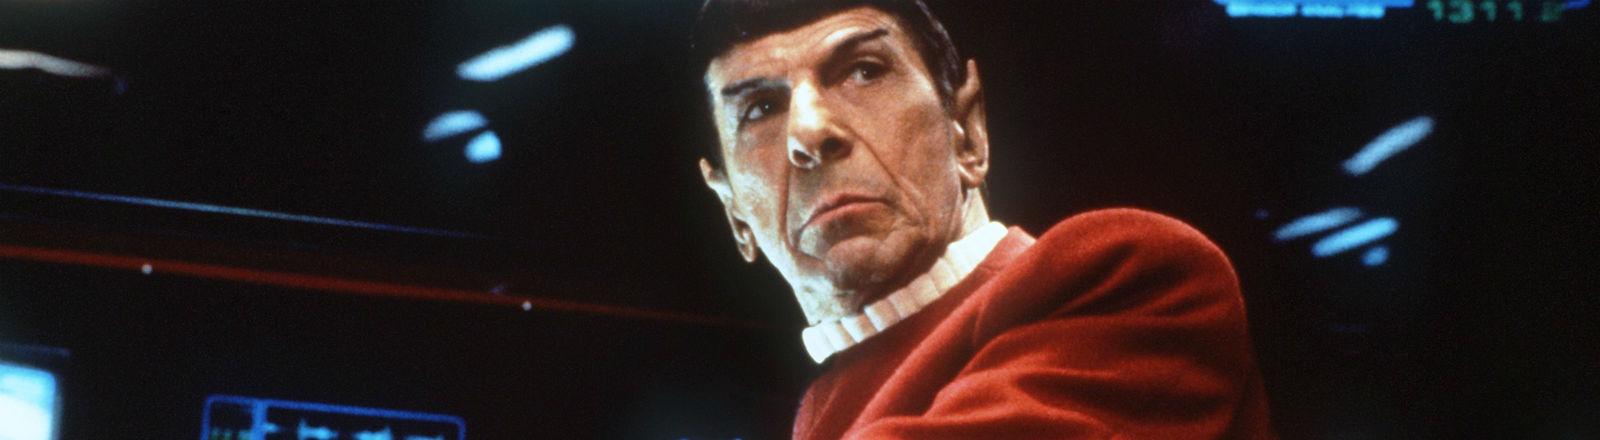 Ein Mann mittleren Alters mit spitzen Ohren sitzt in einem Raumschiff. Bild: dpa